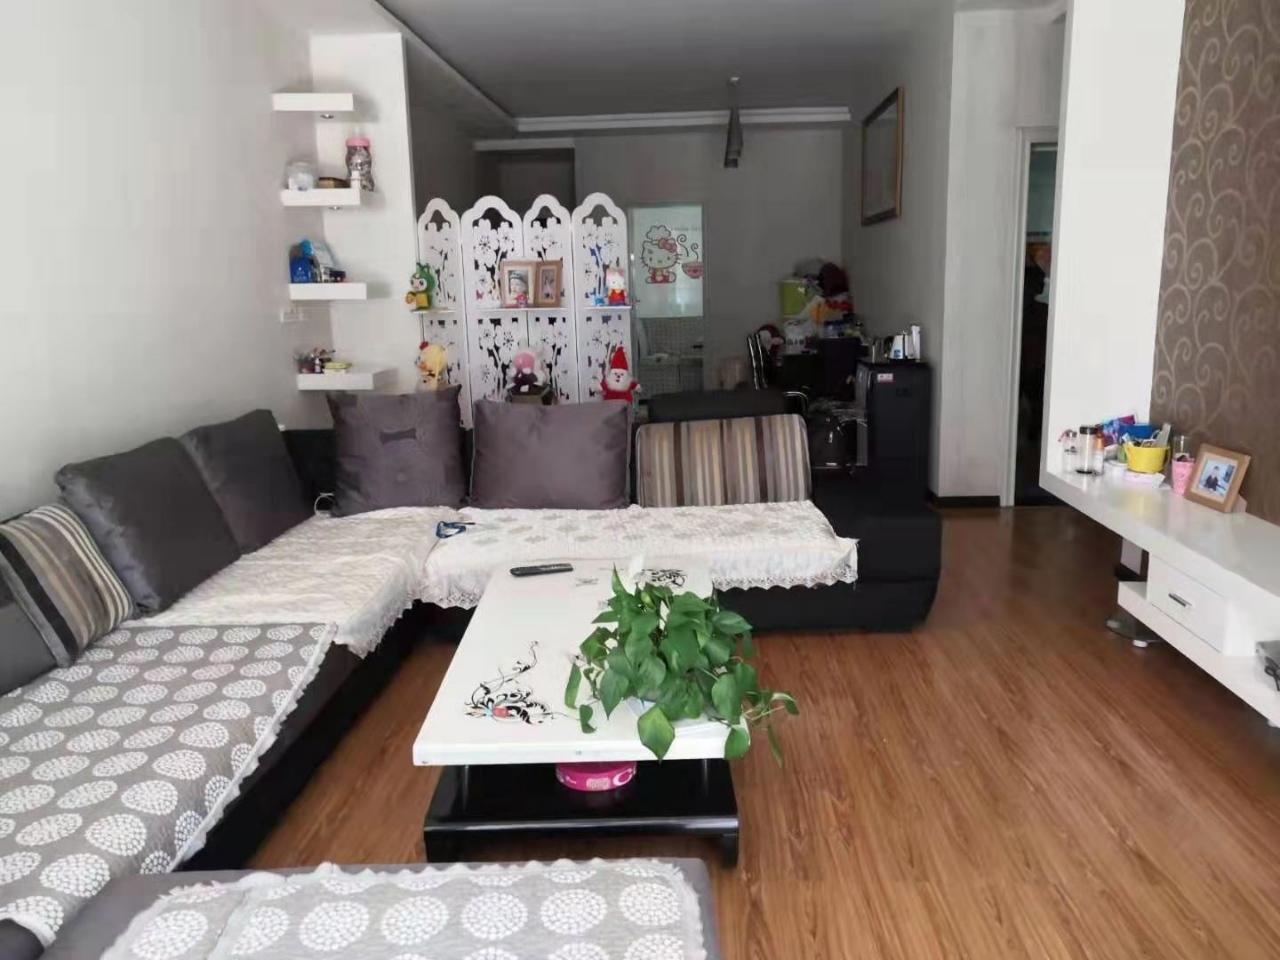 七星小区125平方精装房4700元每平方